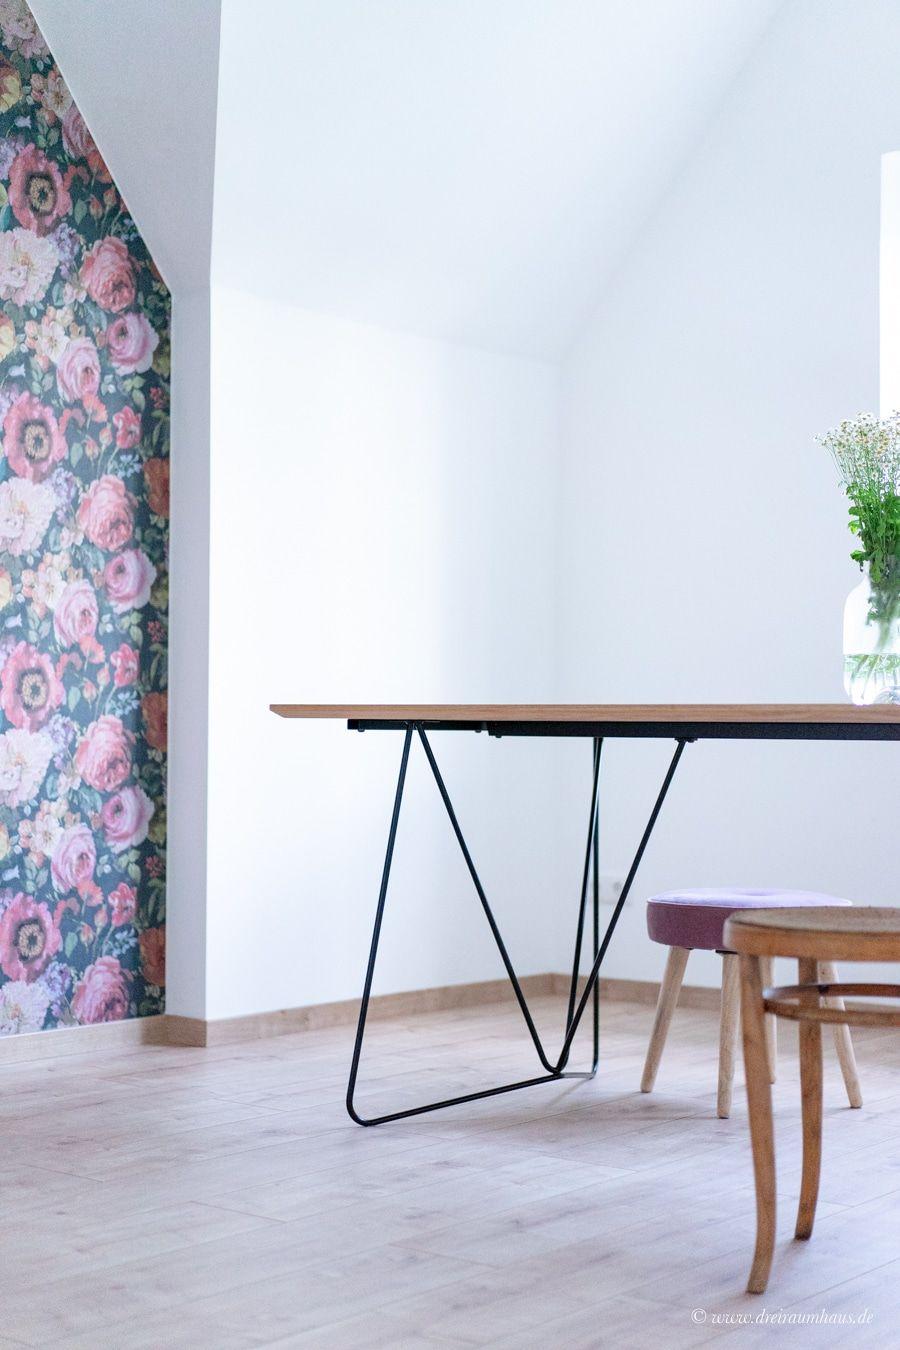 Dekosamstag: Ein traumhafter Tisch für den Kreativraum im Büro und Investitionen in die Zukunft! (powered by Möbel Wikinger)!